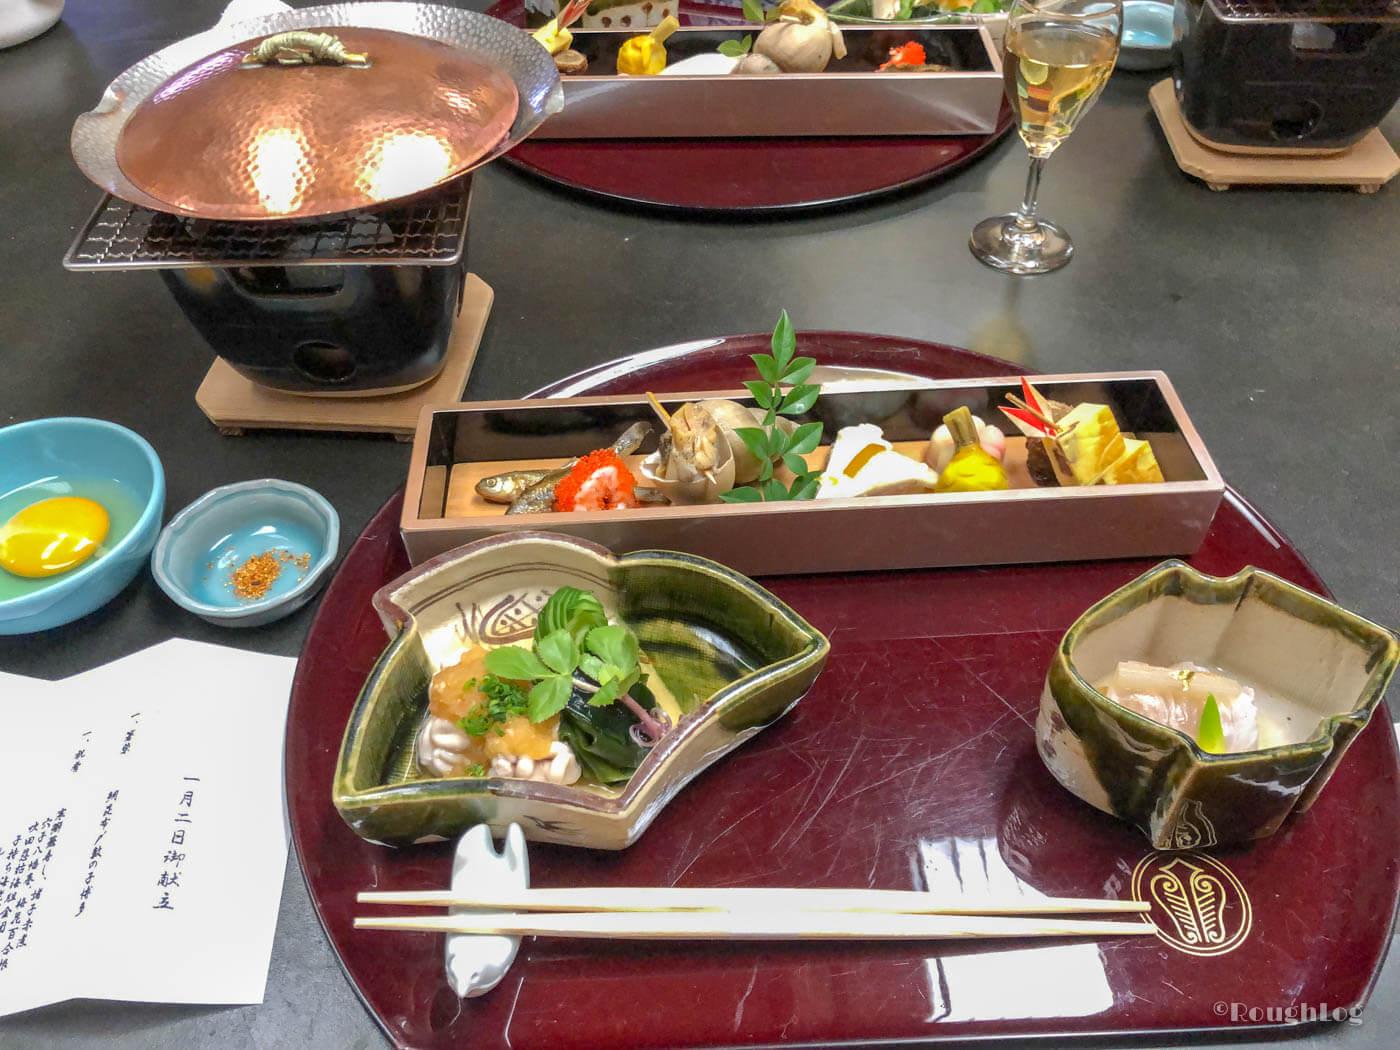 三平荘の料理は部屋食で。地元の食材を用いたオリジナルの会席料理